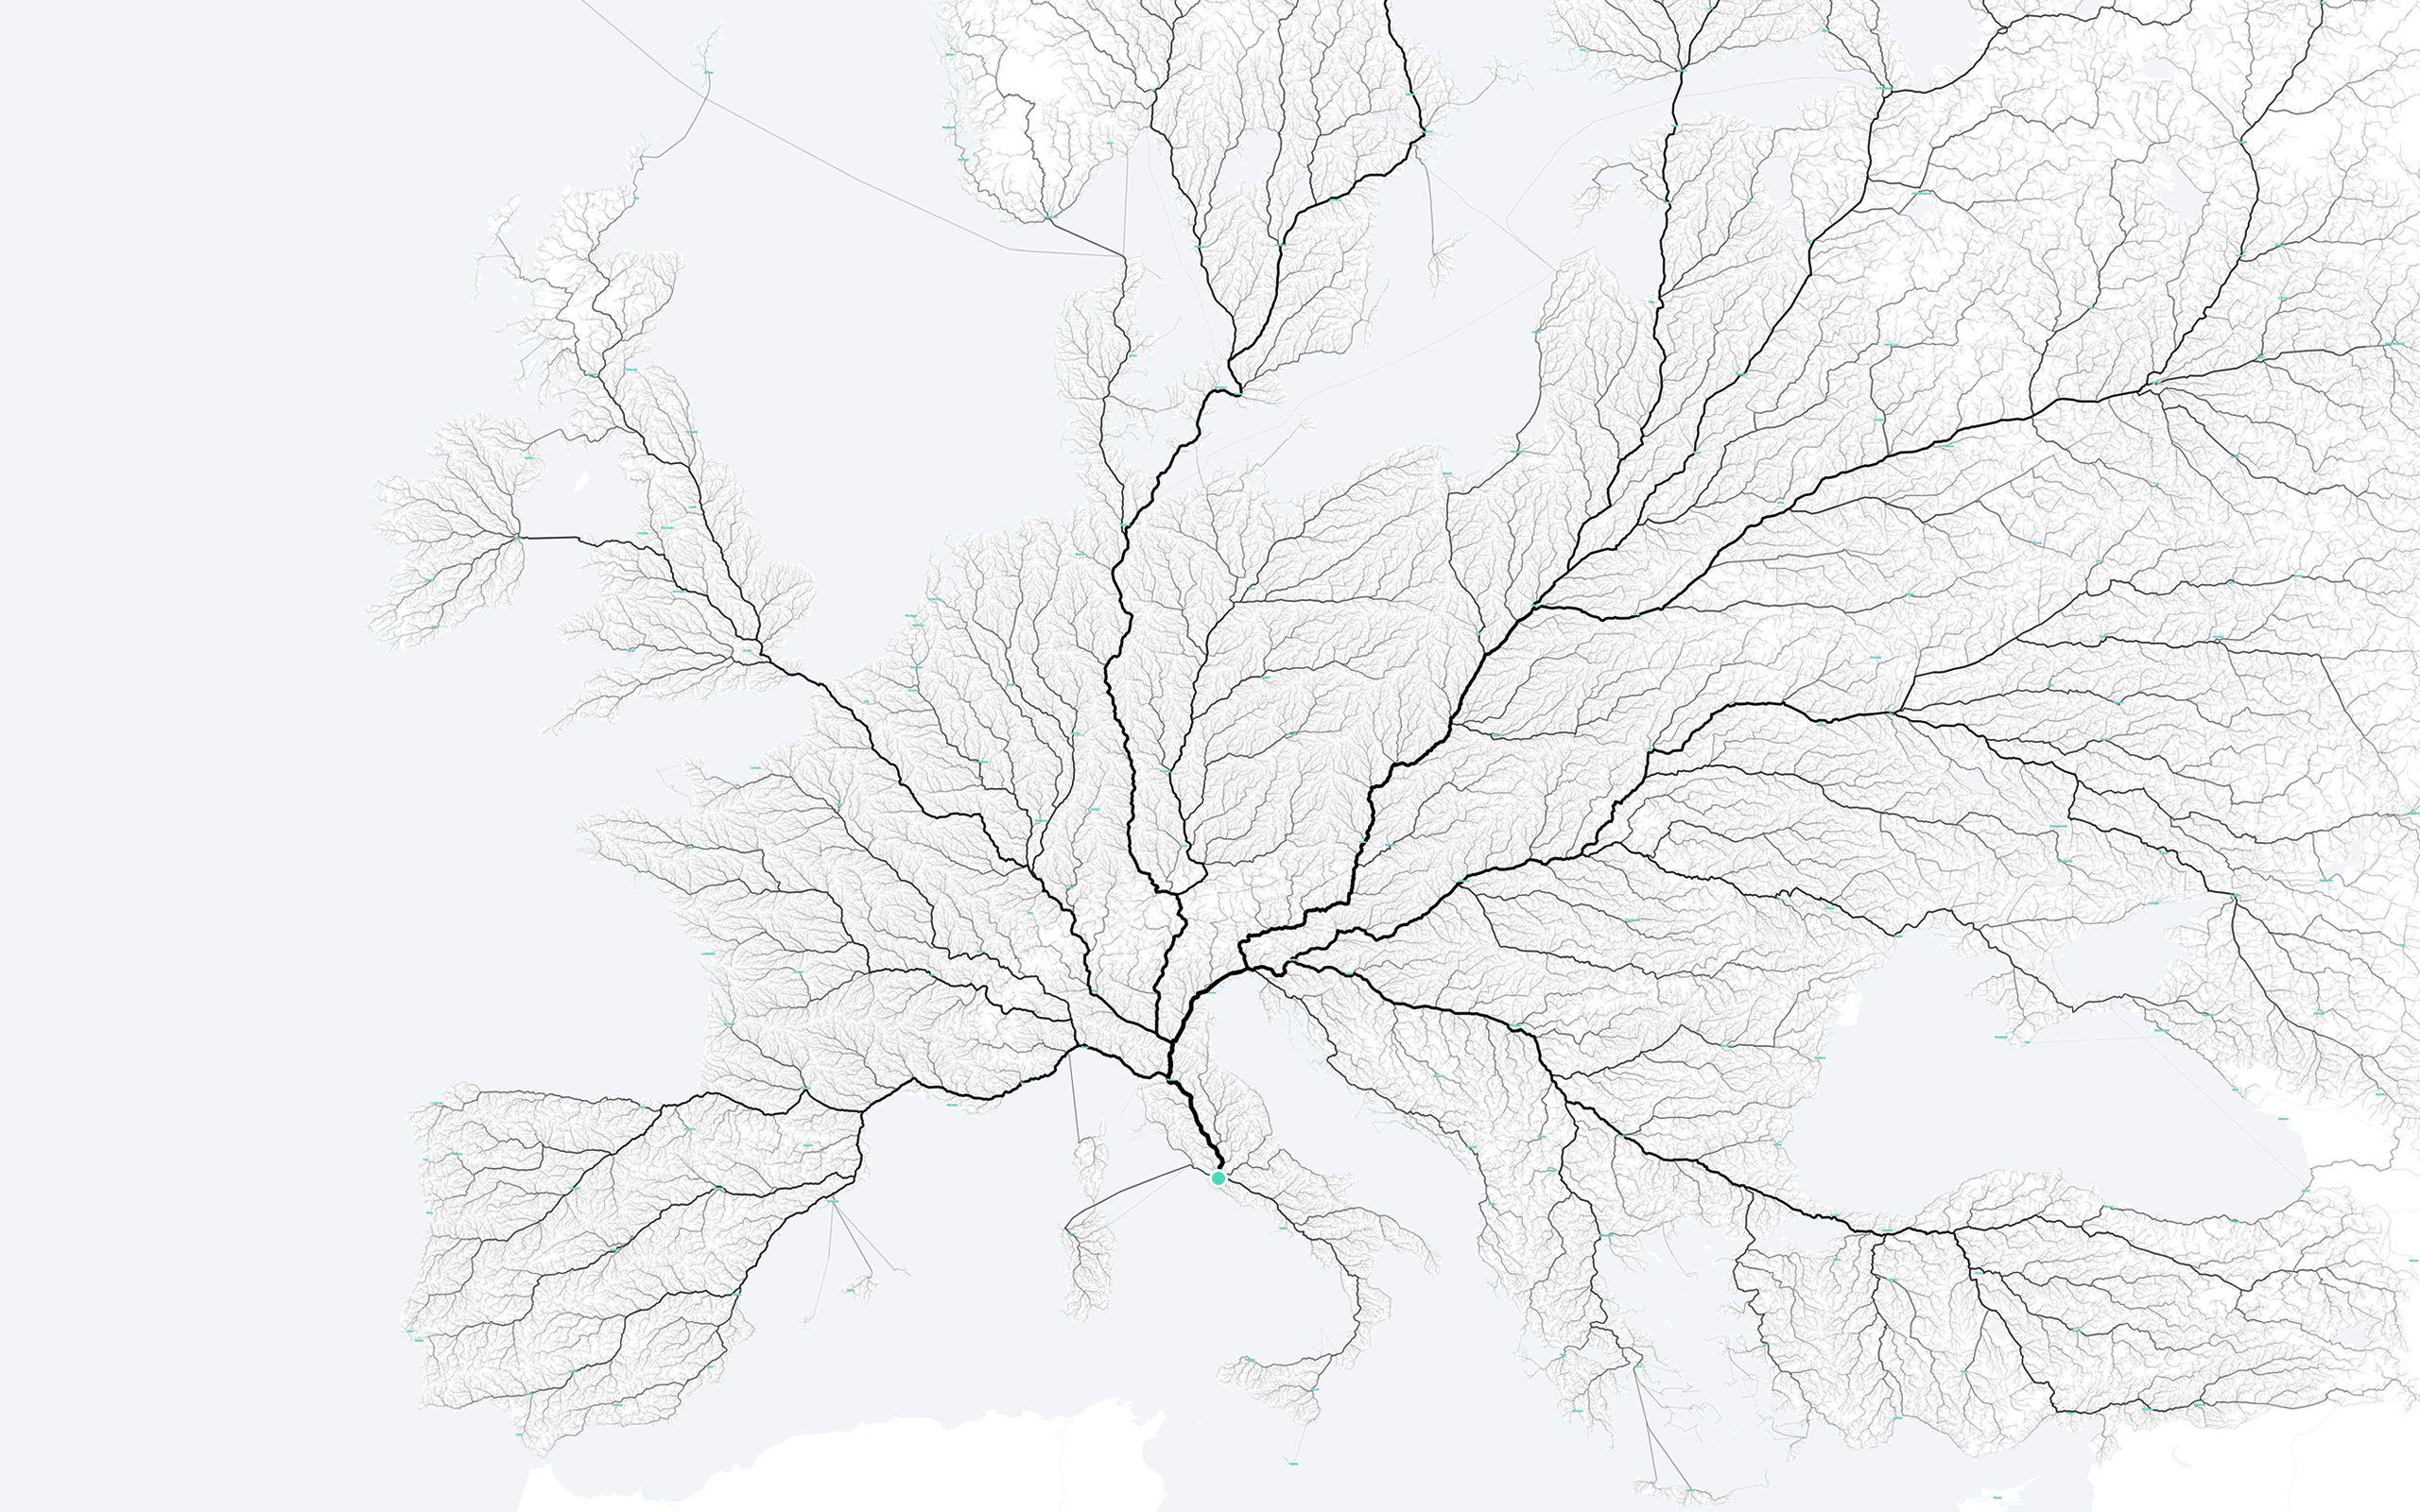 tutte-le-strade-roma-cop-1024x535